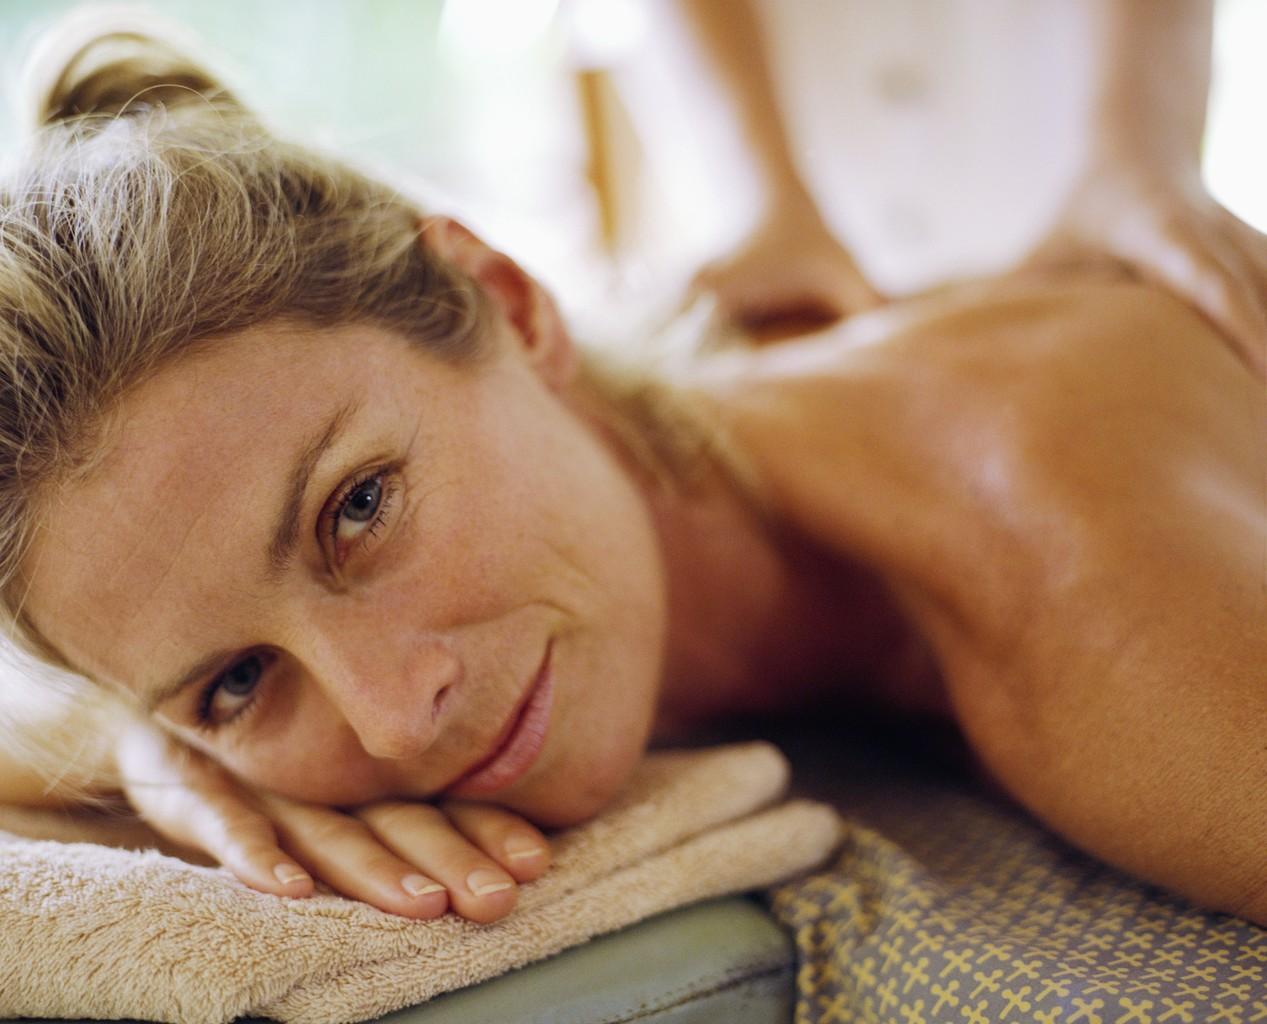 bdsm massage hvordan giver man tantra massage